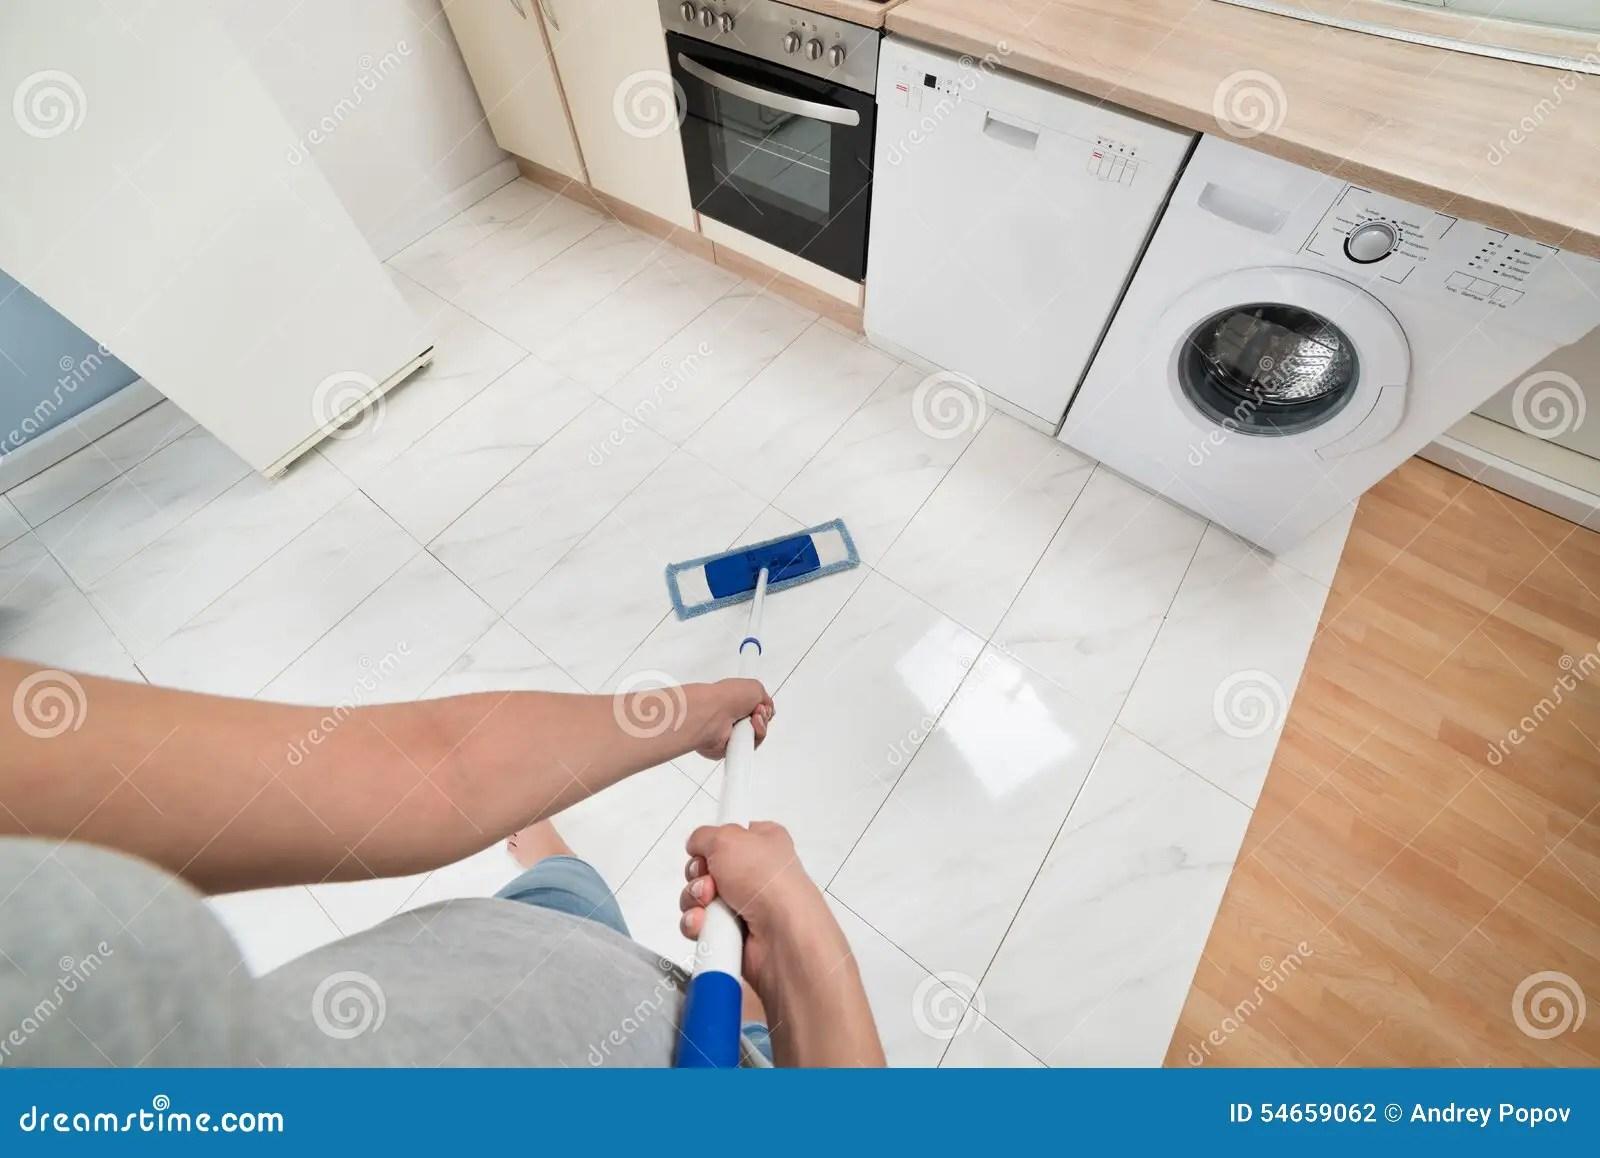 kitchen floor covering lighting fixtures ceiling 妇女清洁厨房地板库存照片 图片包括有清理 厨房 差事 国内 拖把 妇女清洁与拖把的厨房地板特写镜头